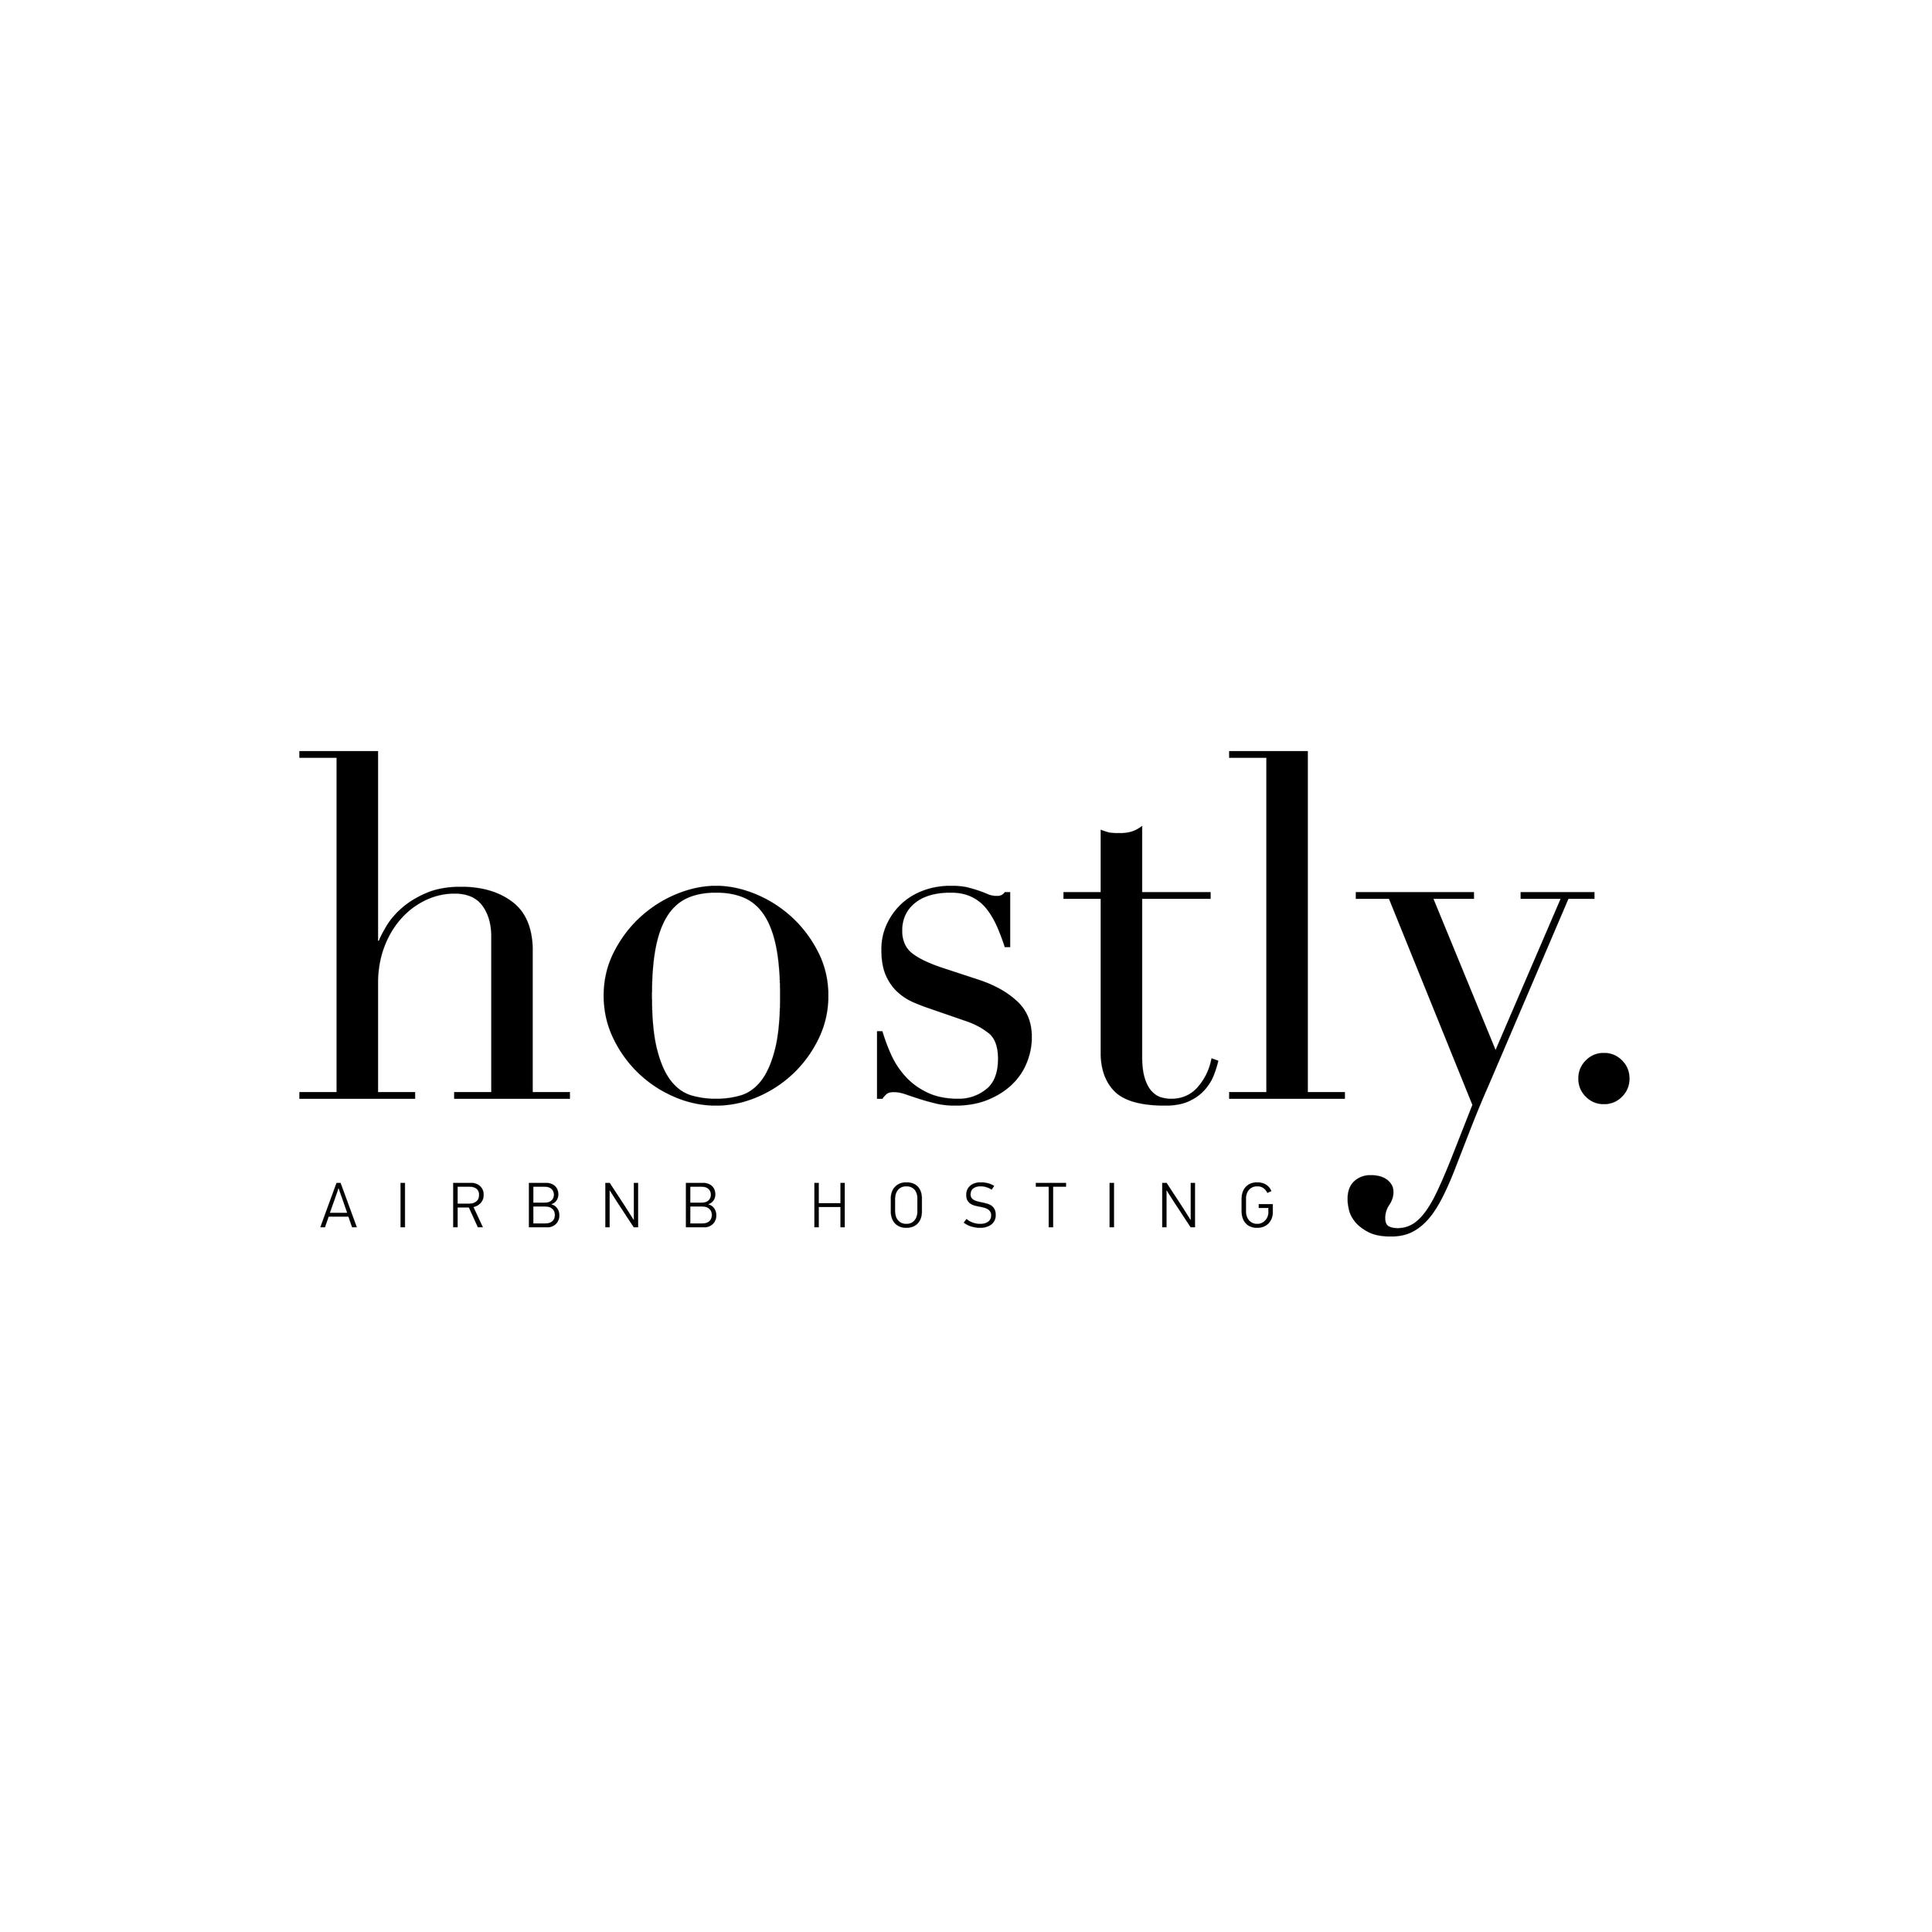 www.hostlycpt.com